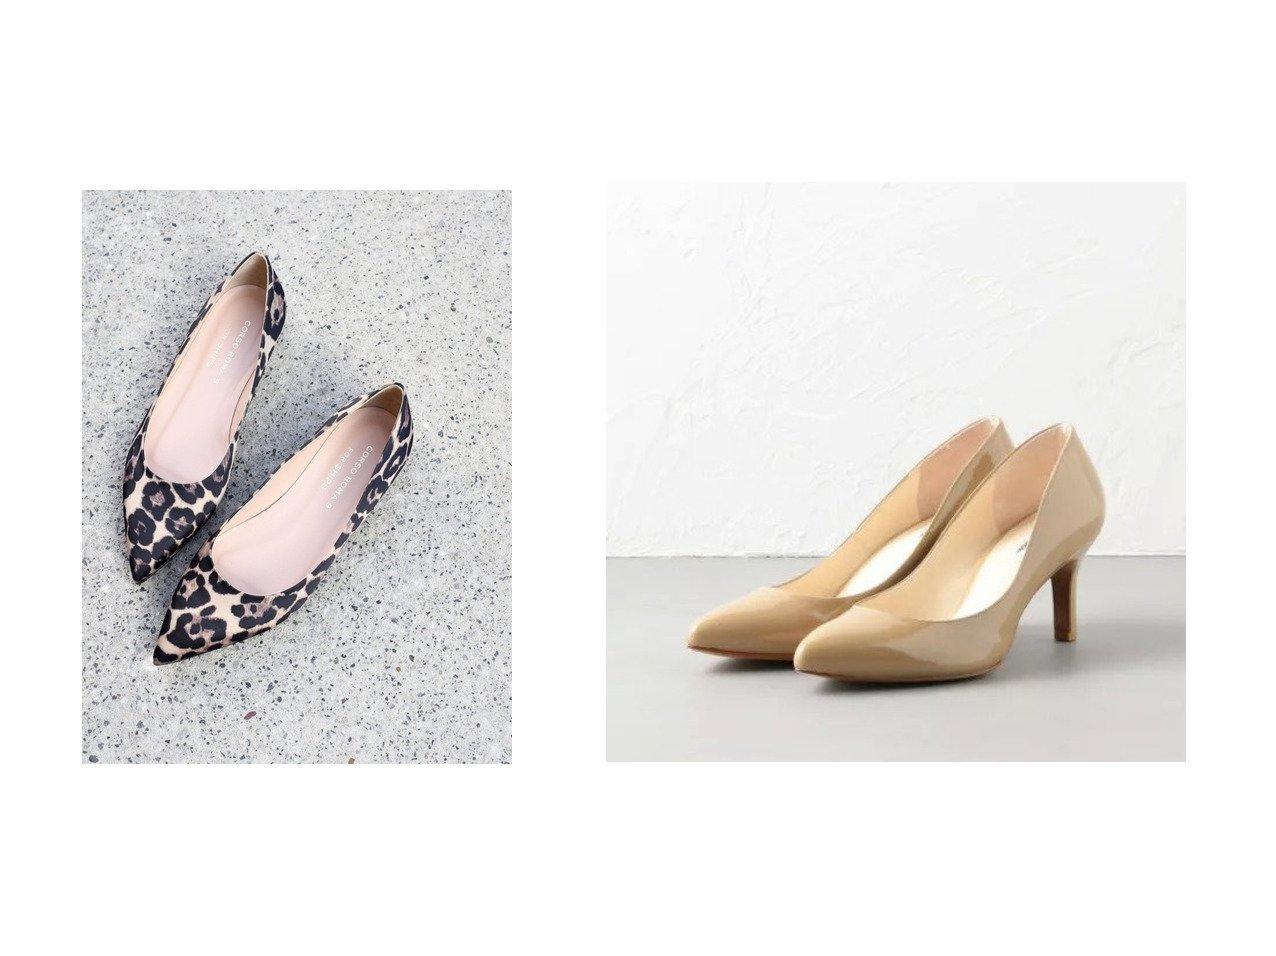 【Odette e Odile/オデット エ オディール】のOFD ポインテッド パンプス70↓↑&【SHIPS/シップス フォー ウィメン】のCORSO ROMA レオパードポインテッドフラット シューズ・靴のおすすめ!人気、トレンド・レディースファッションの通販 おすすめで人気の流行・トレンド、ファッションの通販商品 メンズファッション・キッズファッション・インテリア・家具・レディースファッション・服の通販 founy(ファニー) https://founy.com/ ファッション Fashion レディースファッション WOMEN NEW・新作・新着・新入荷 New Arrivals シューズ シンプル フォルム ベーシック 再入荷 Restock/Back in Stock/Re Arrival 無地 ポインテッド 人気 定番 Standard  ID:crp329100000012963